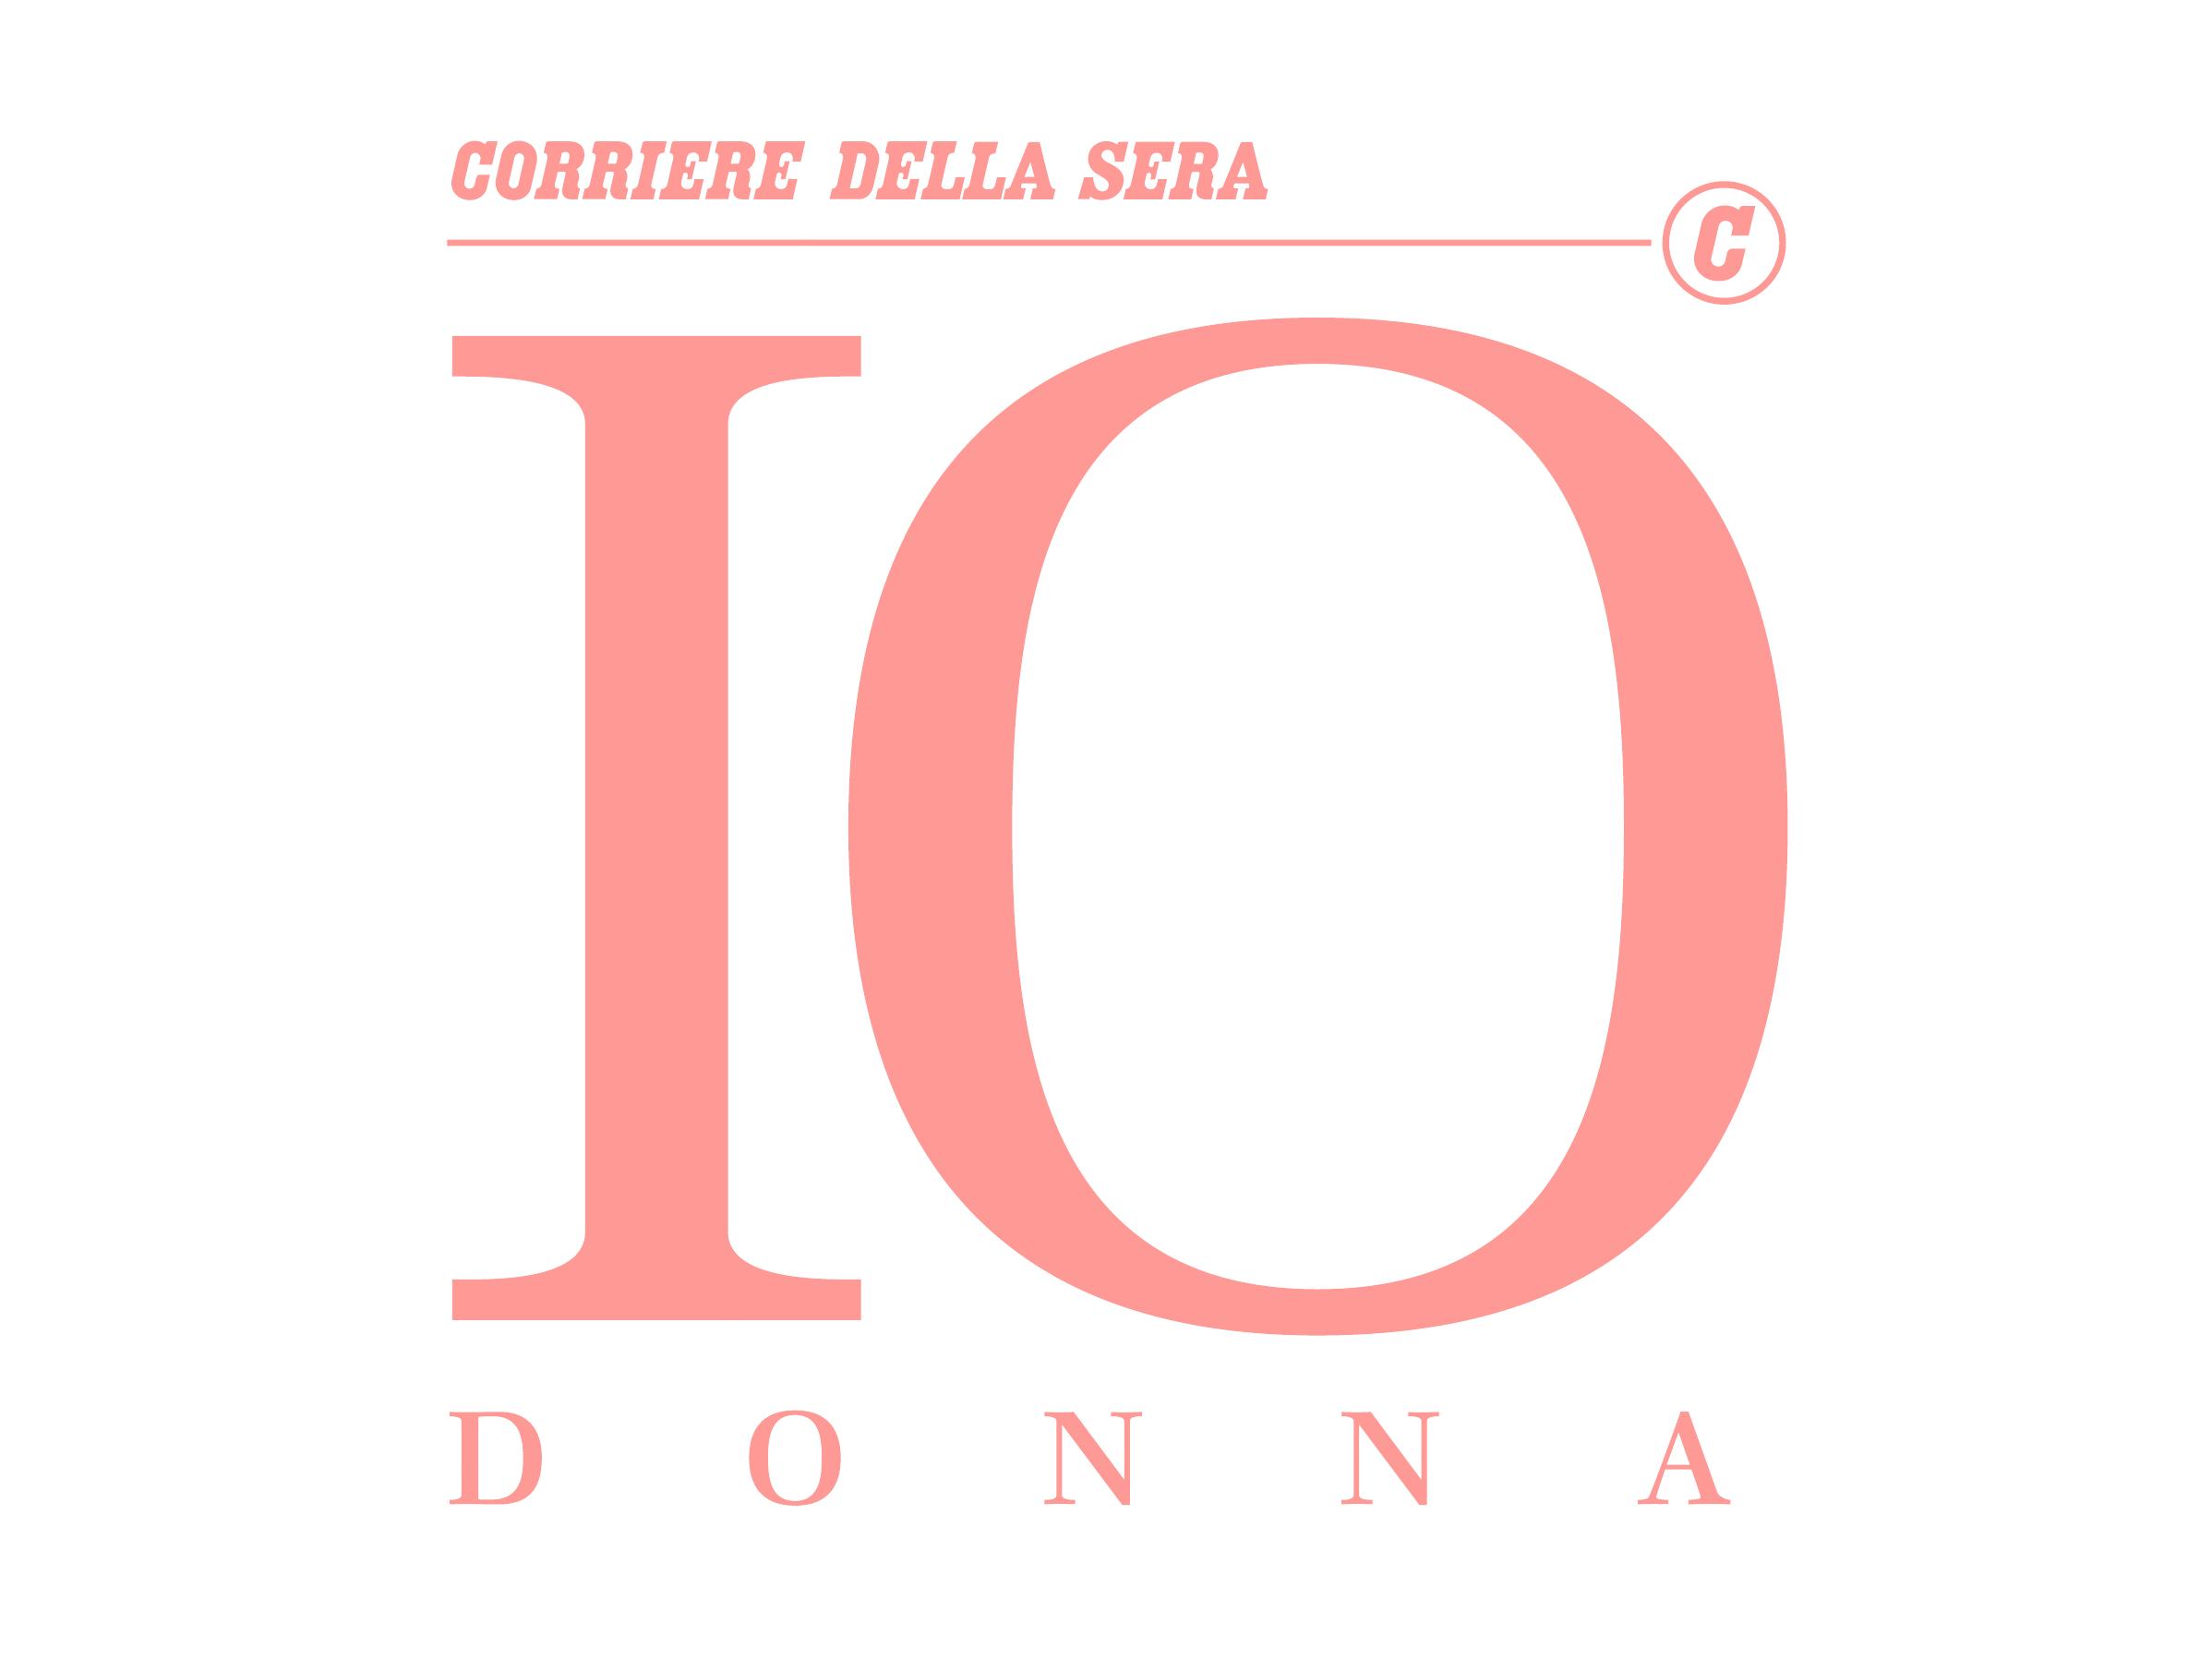 LOGO-io-donna_1